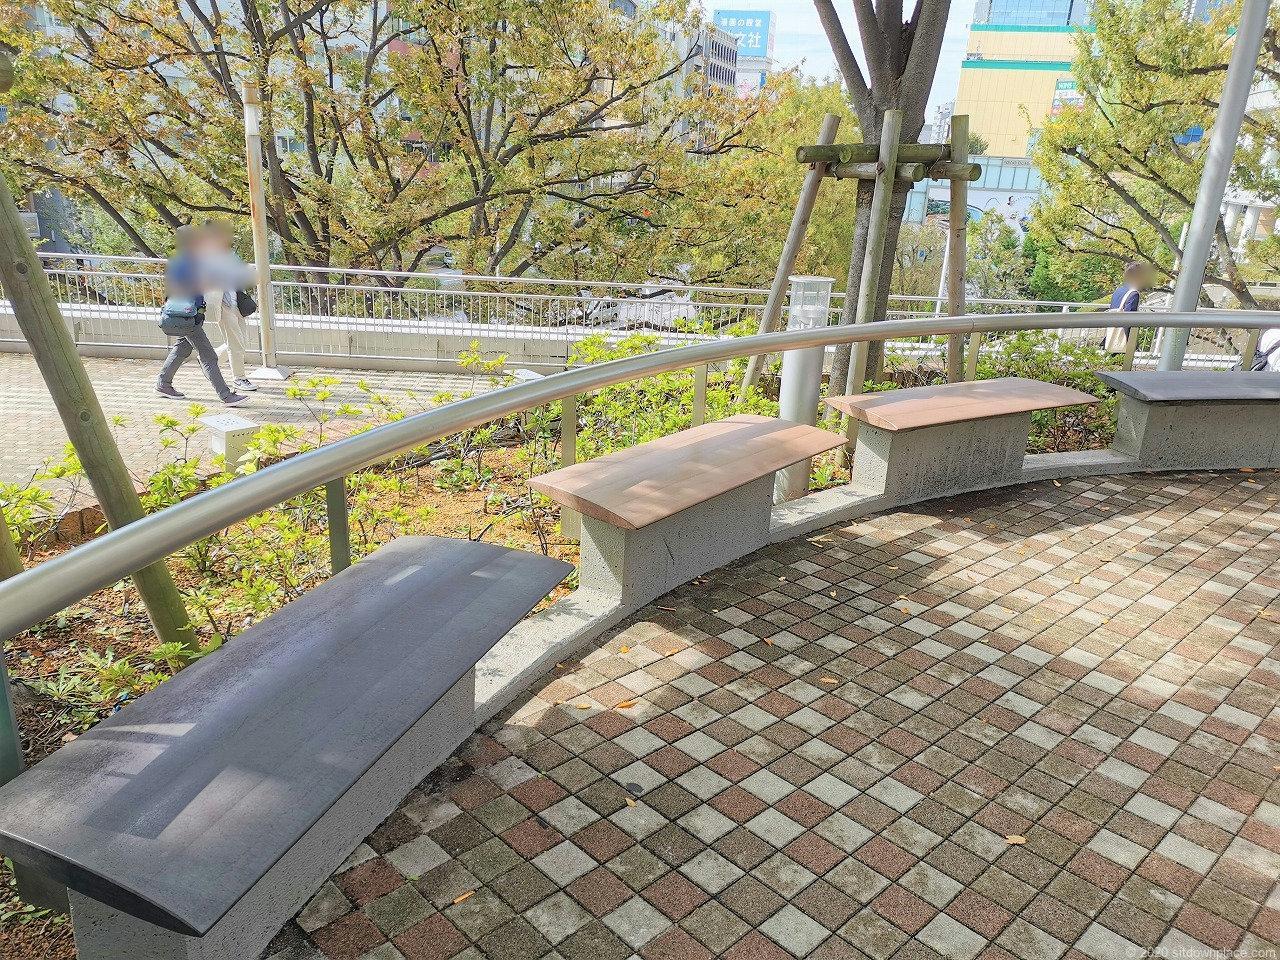 水道橋駅 東京ドームシティ ミーツポートガーデンの休憩場所1